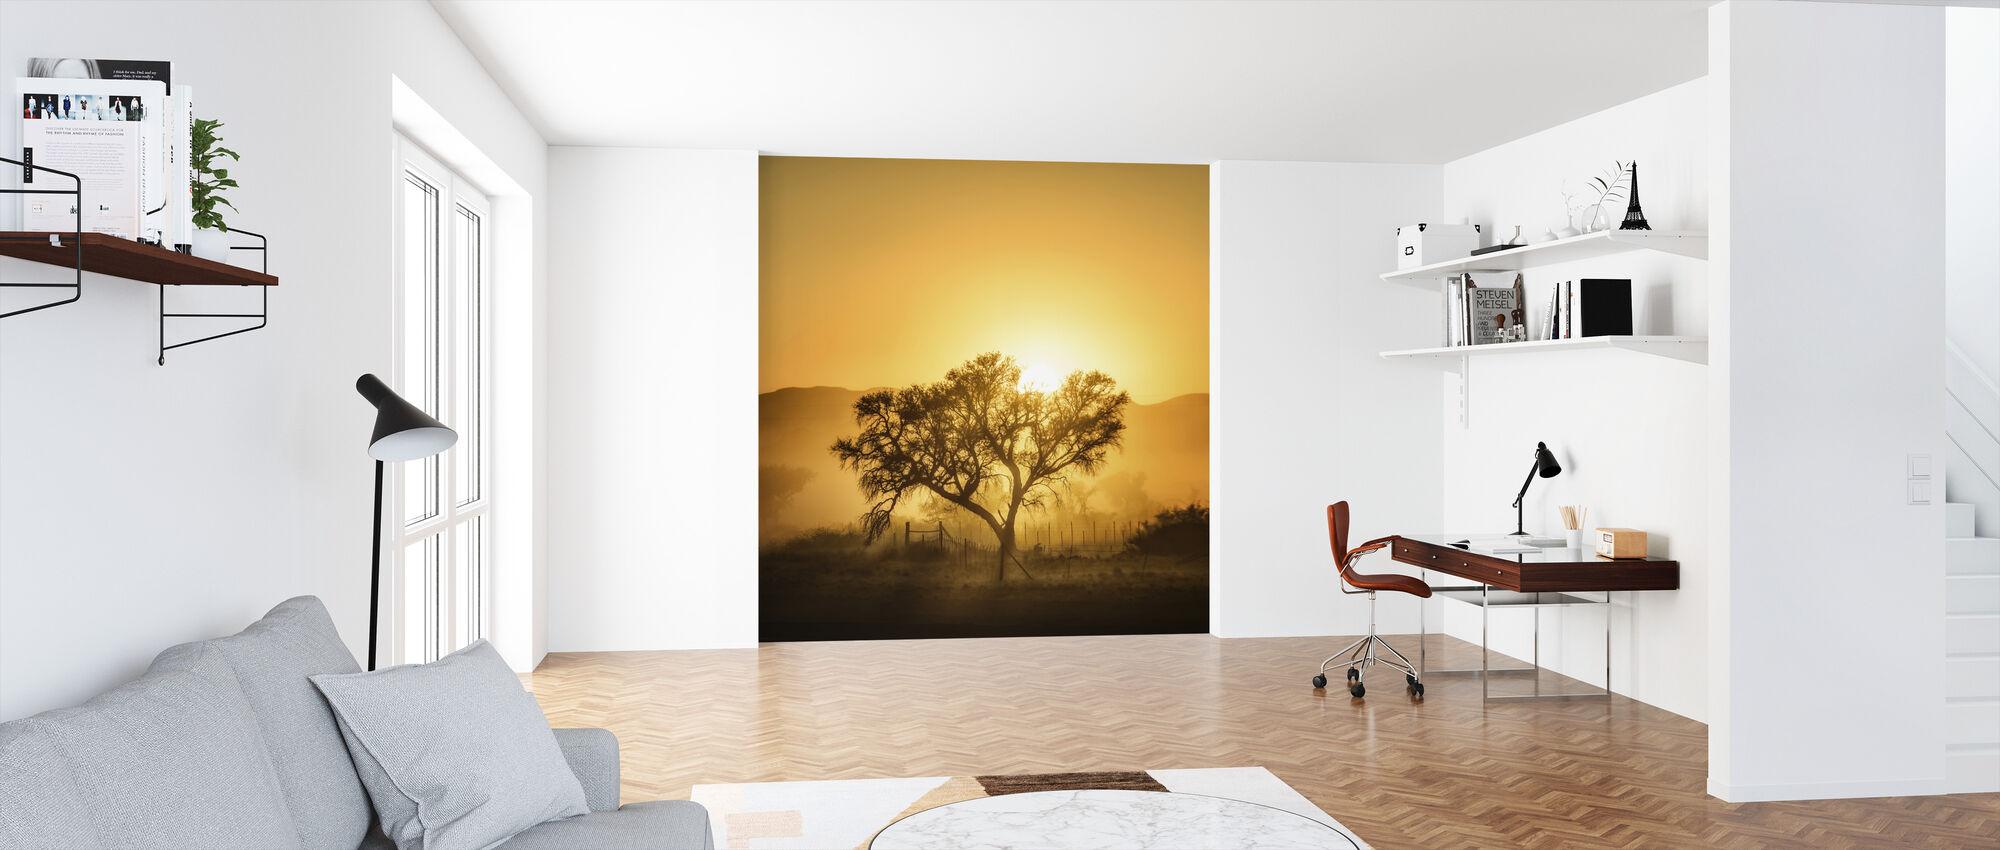 Golden soloppgang - Tapet - Kontor